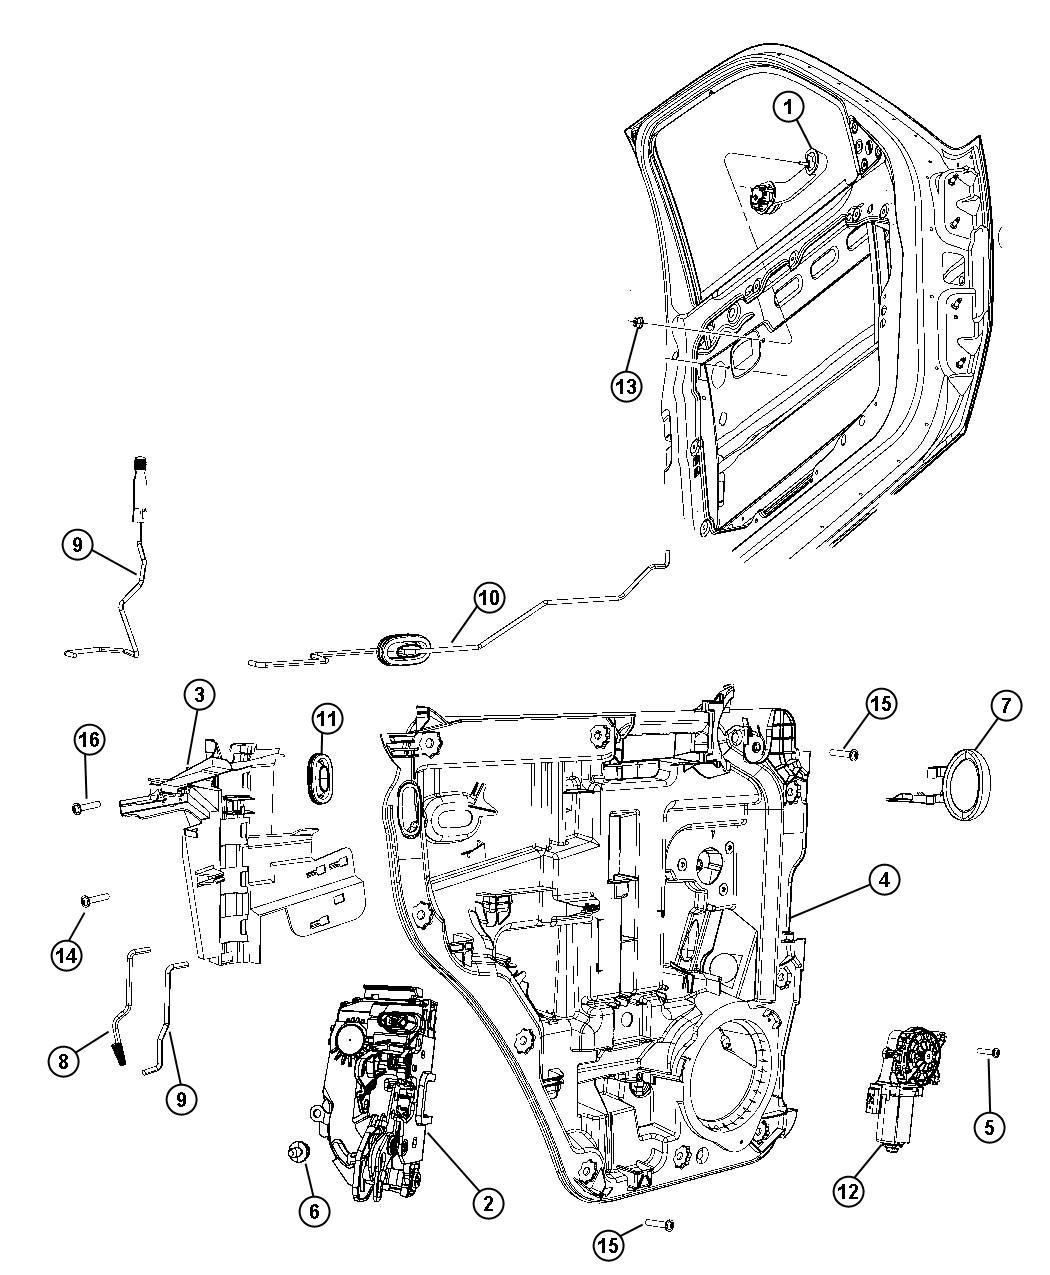 Dodge Nitro Handle. Inside remote control. Right